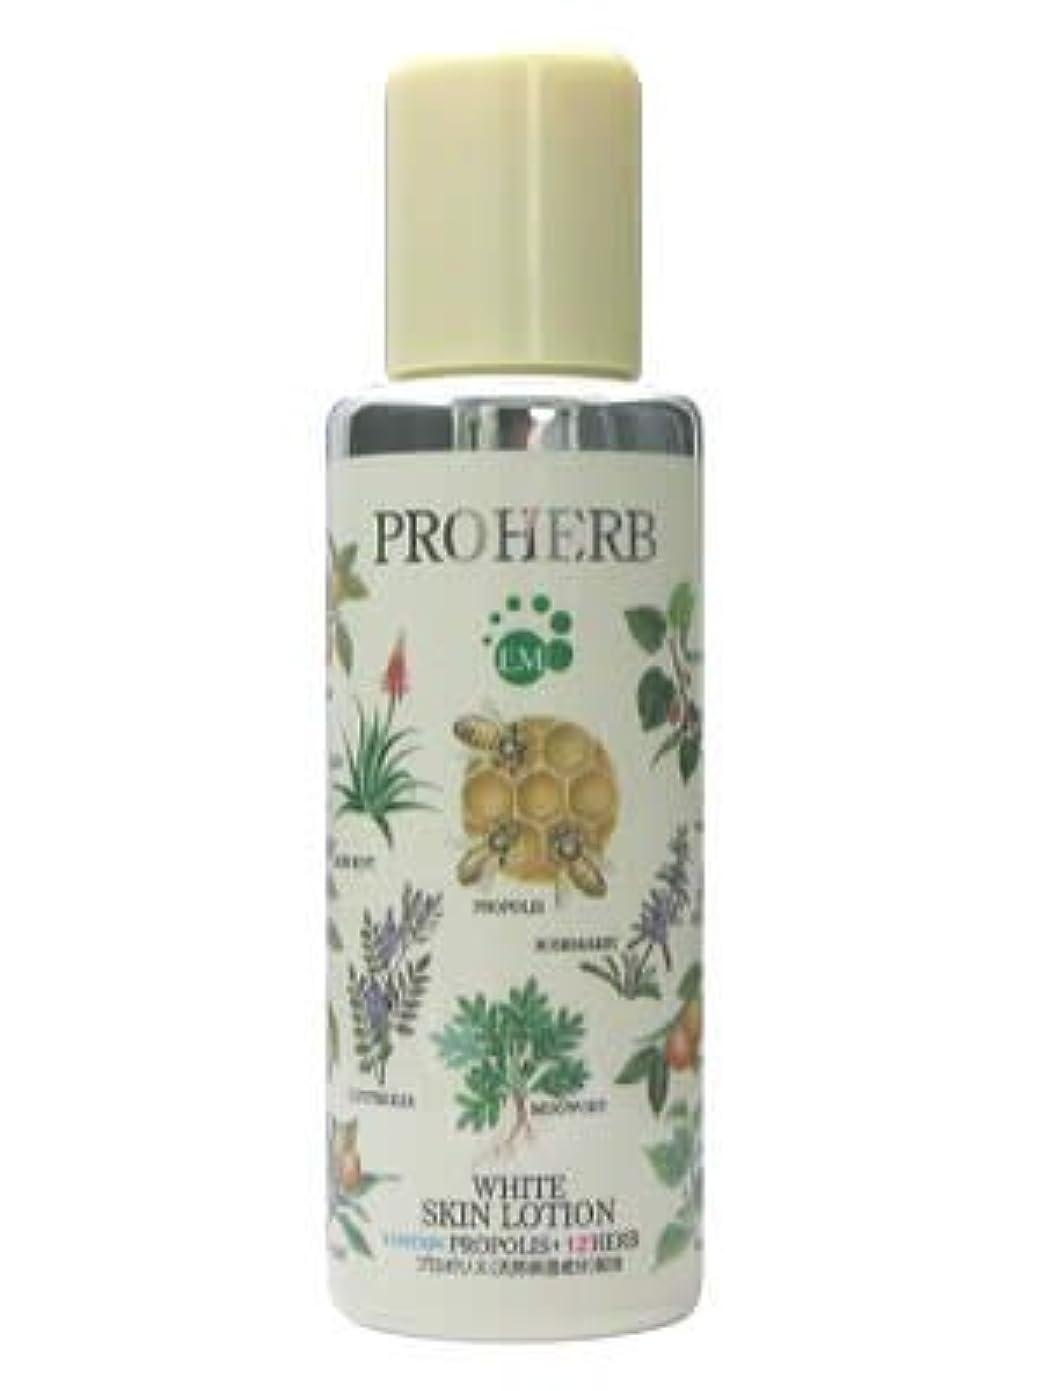 愛する偽装する有名プロハーブEMホワイト化粧水